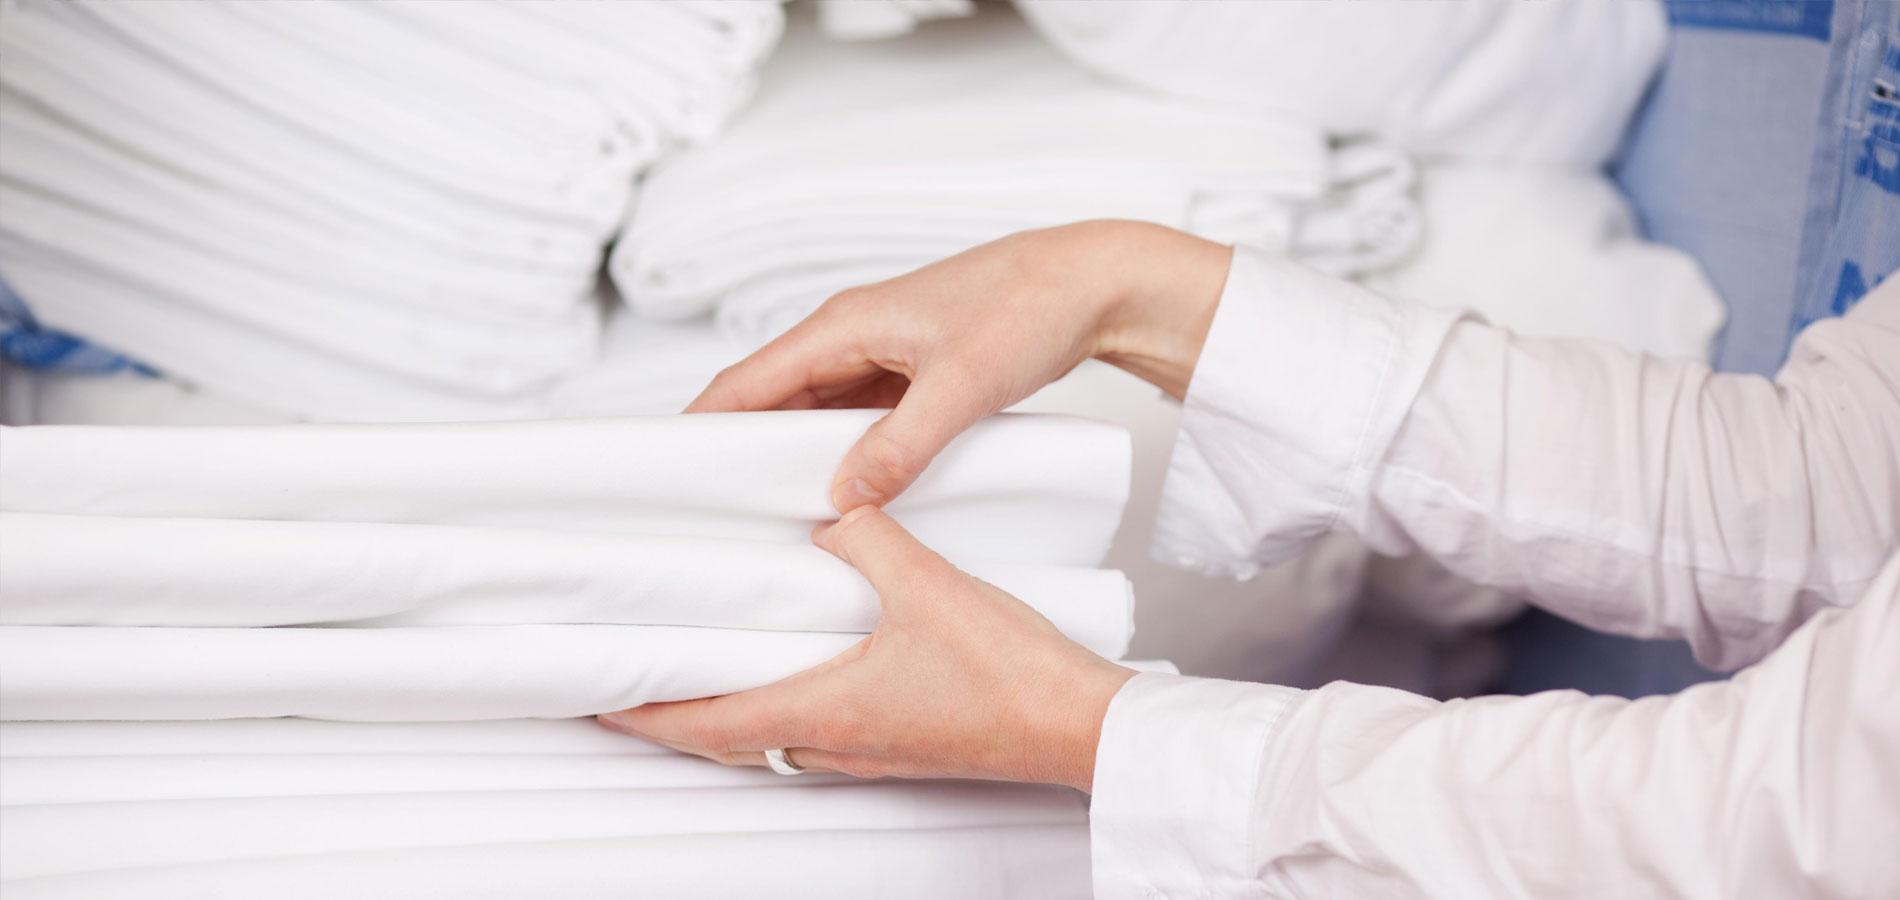 Чем отбелить постельное бельё в домашних условиях  2